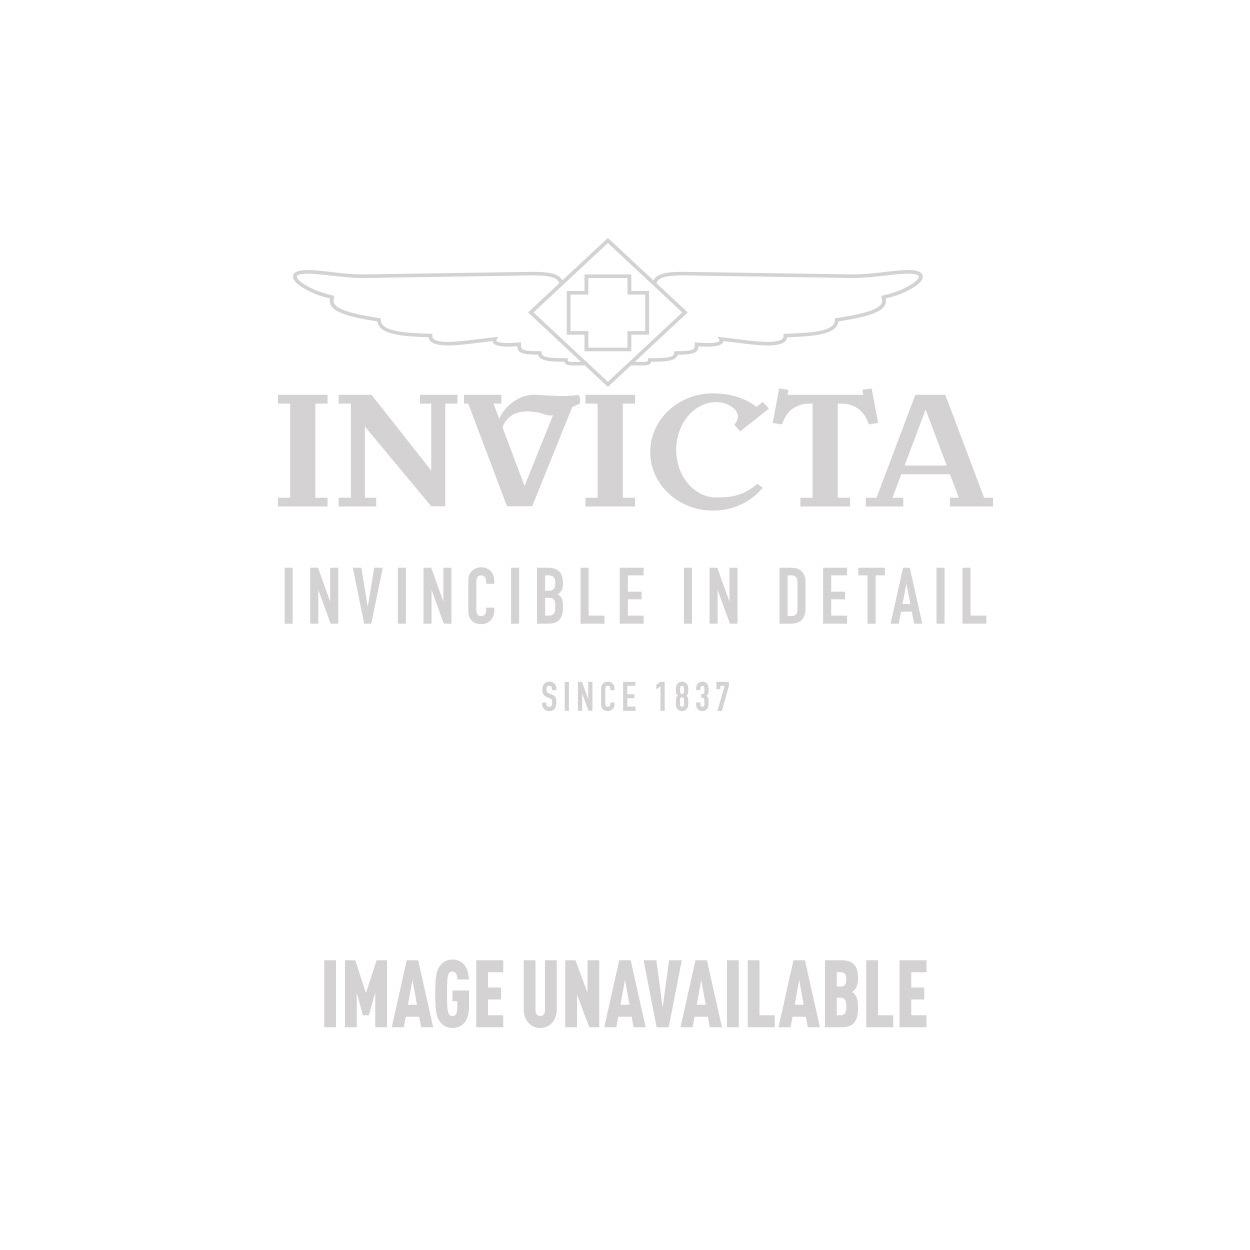 Invicta Model  SC0399